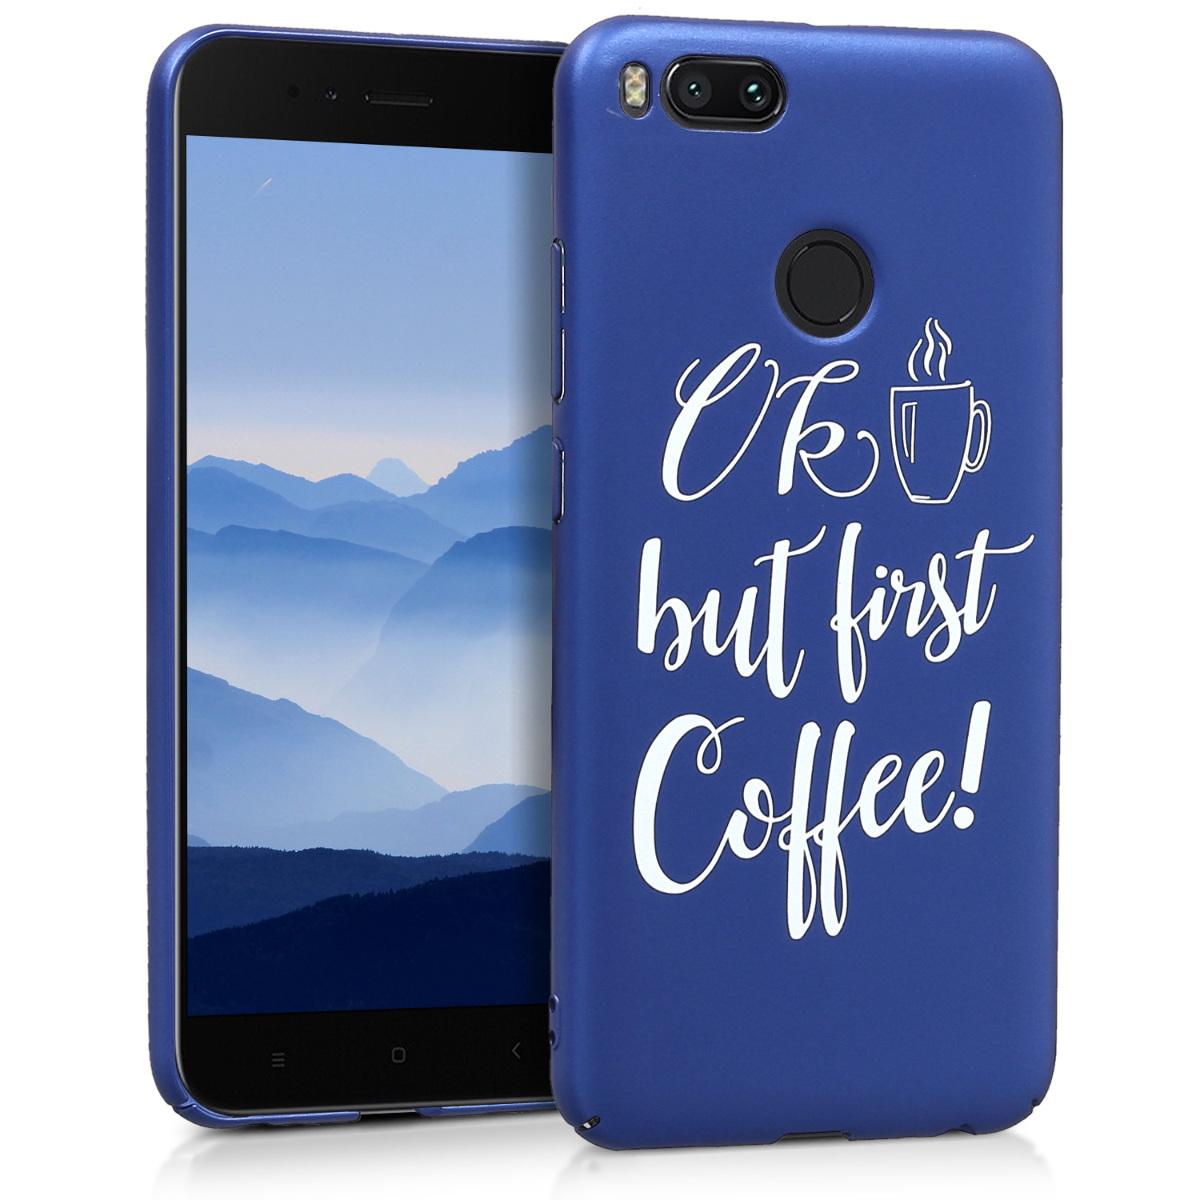 KW Σκληρή Θήκη Xiaomi Mi 5X / Mi A1 - White / Metallic Blue (44084.01)